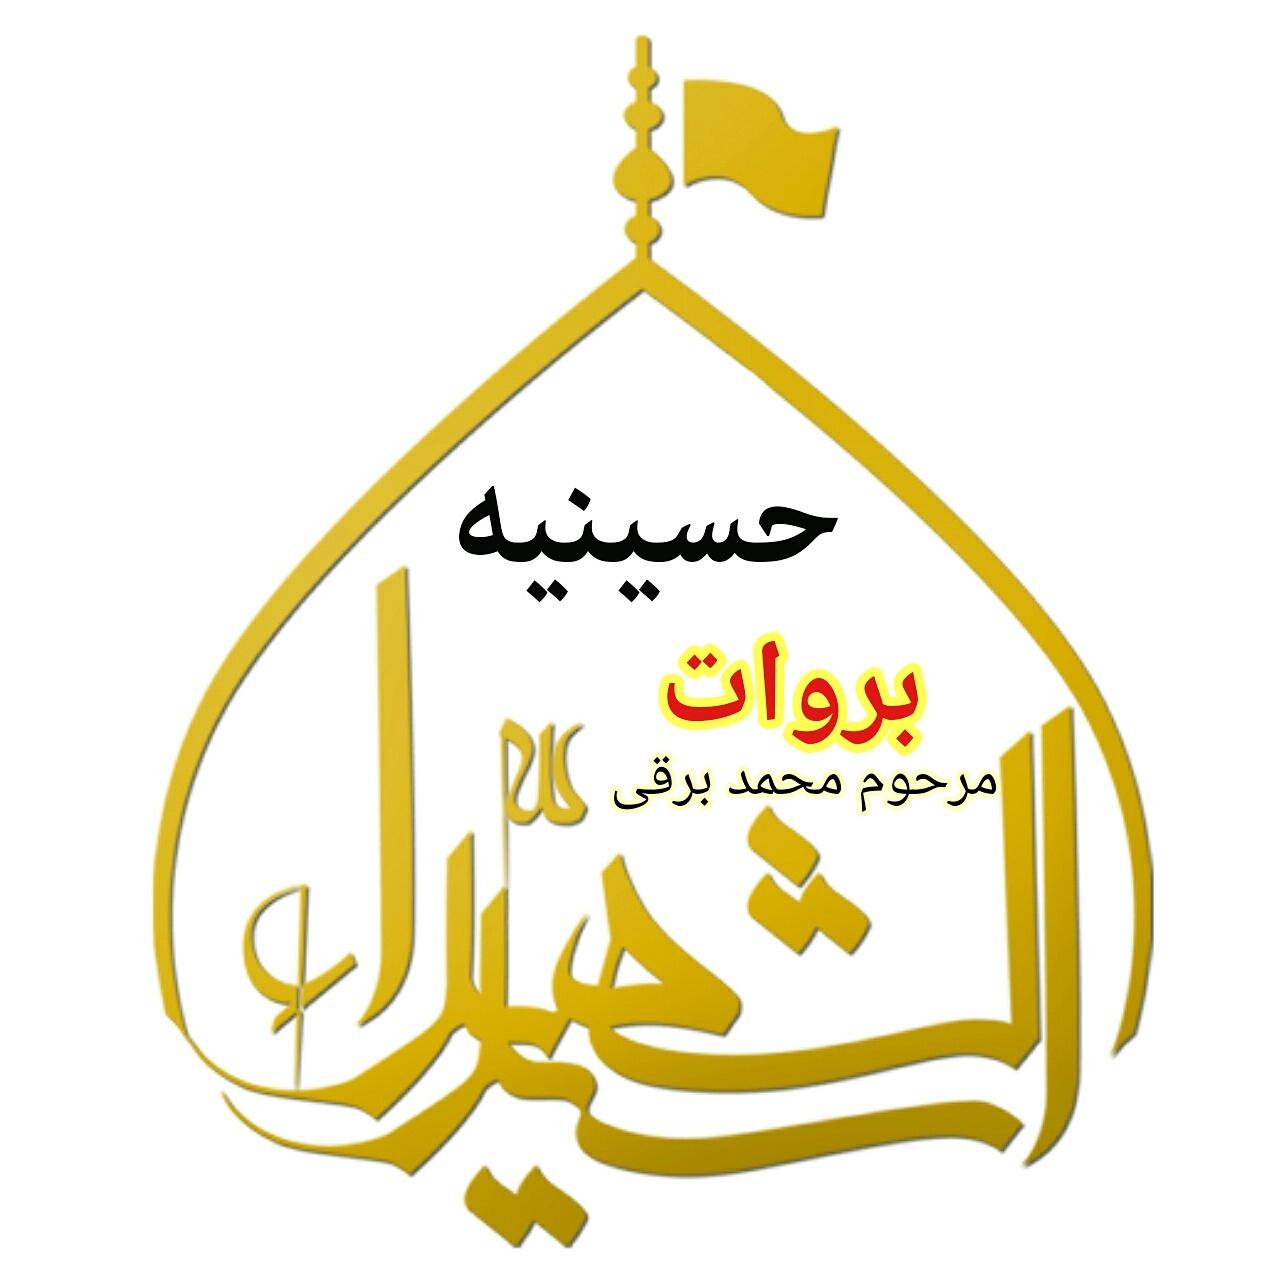 حسینیه حضرت سیدالشهدا (ع)بروات: http://www.aparat.com/v/lW3CA